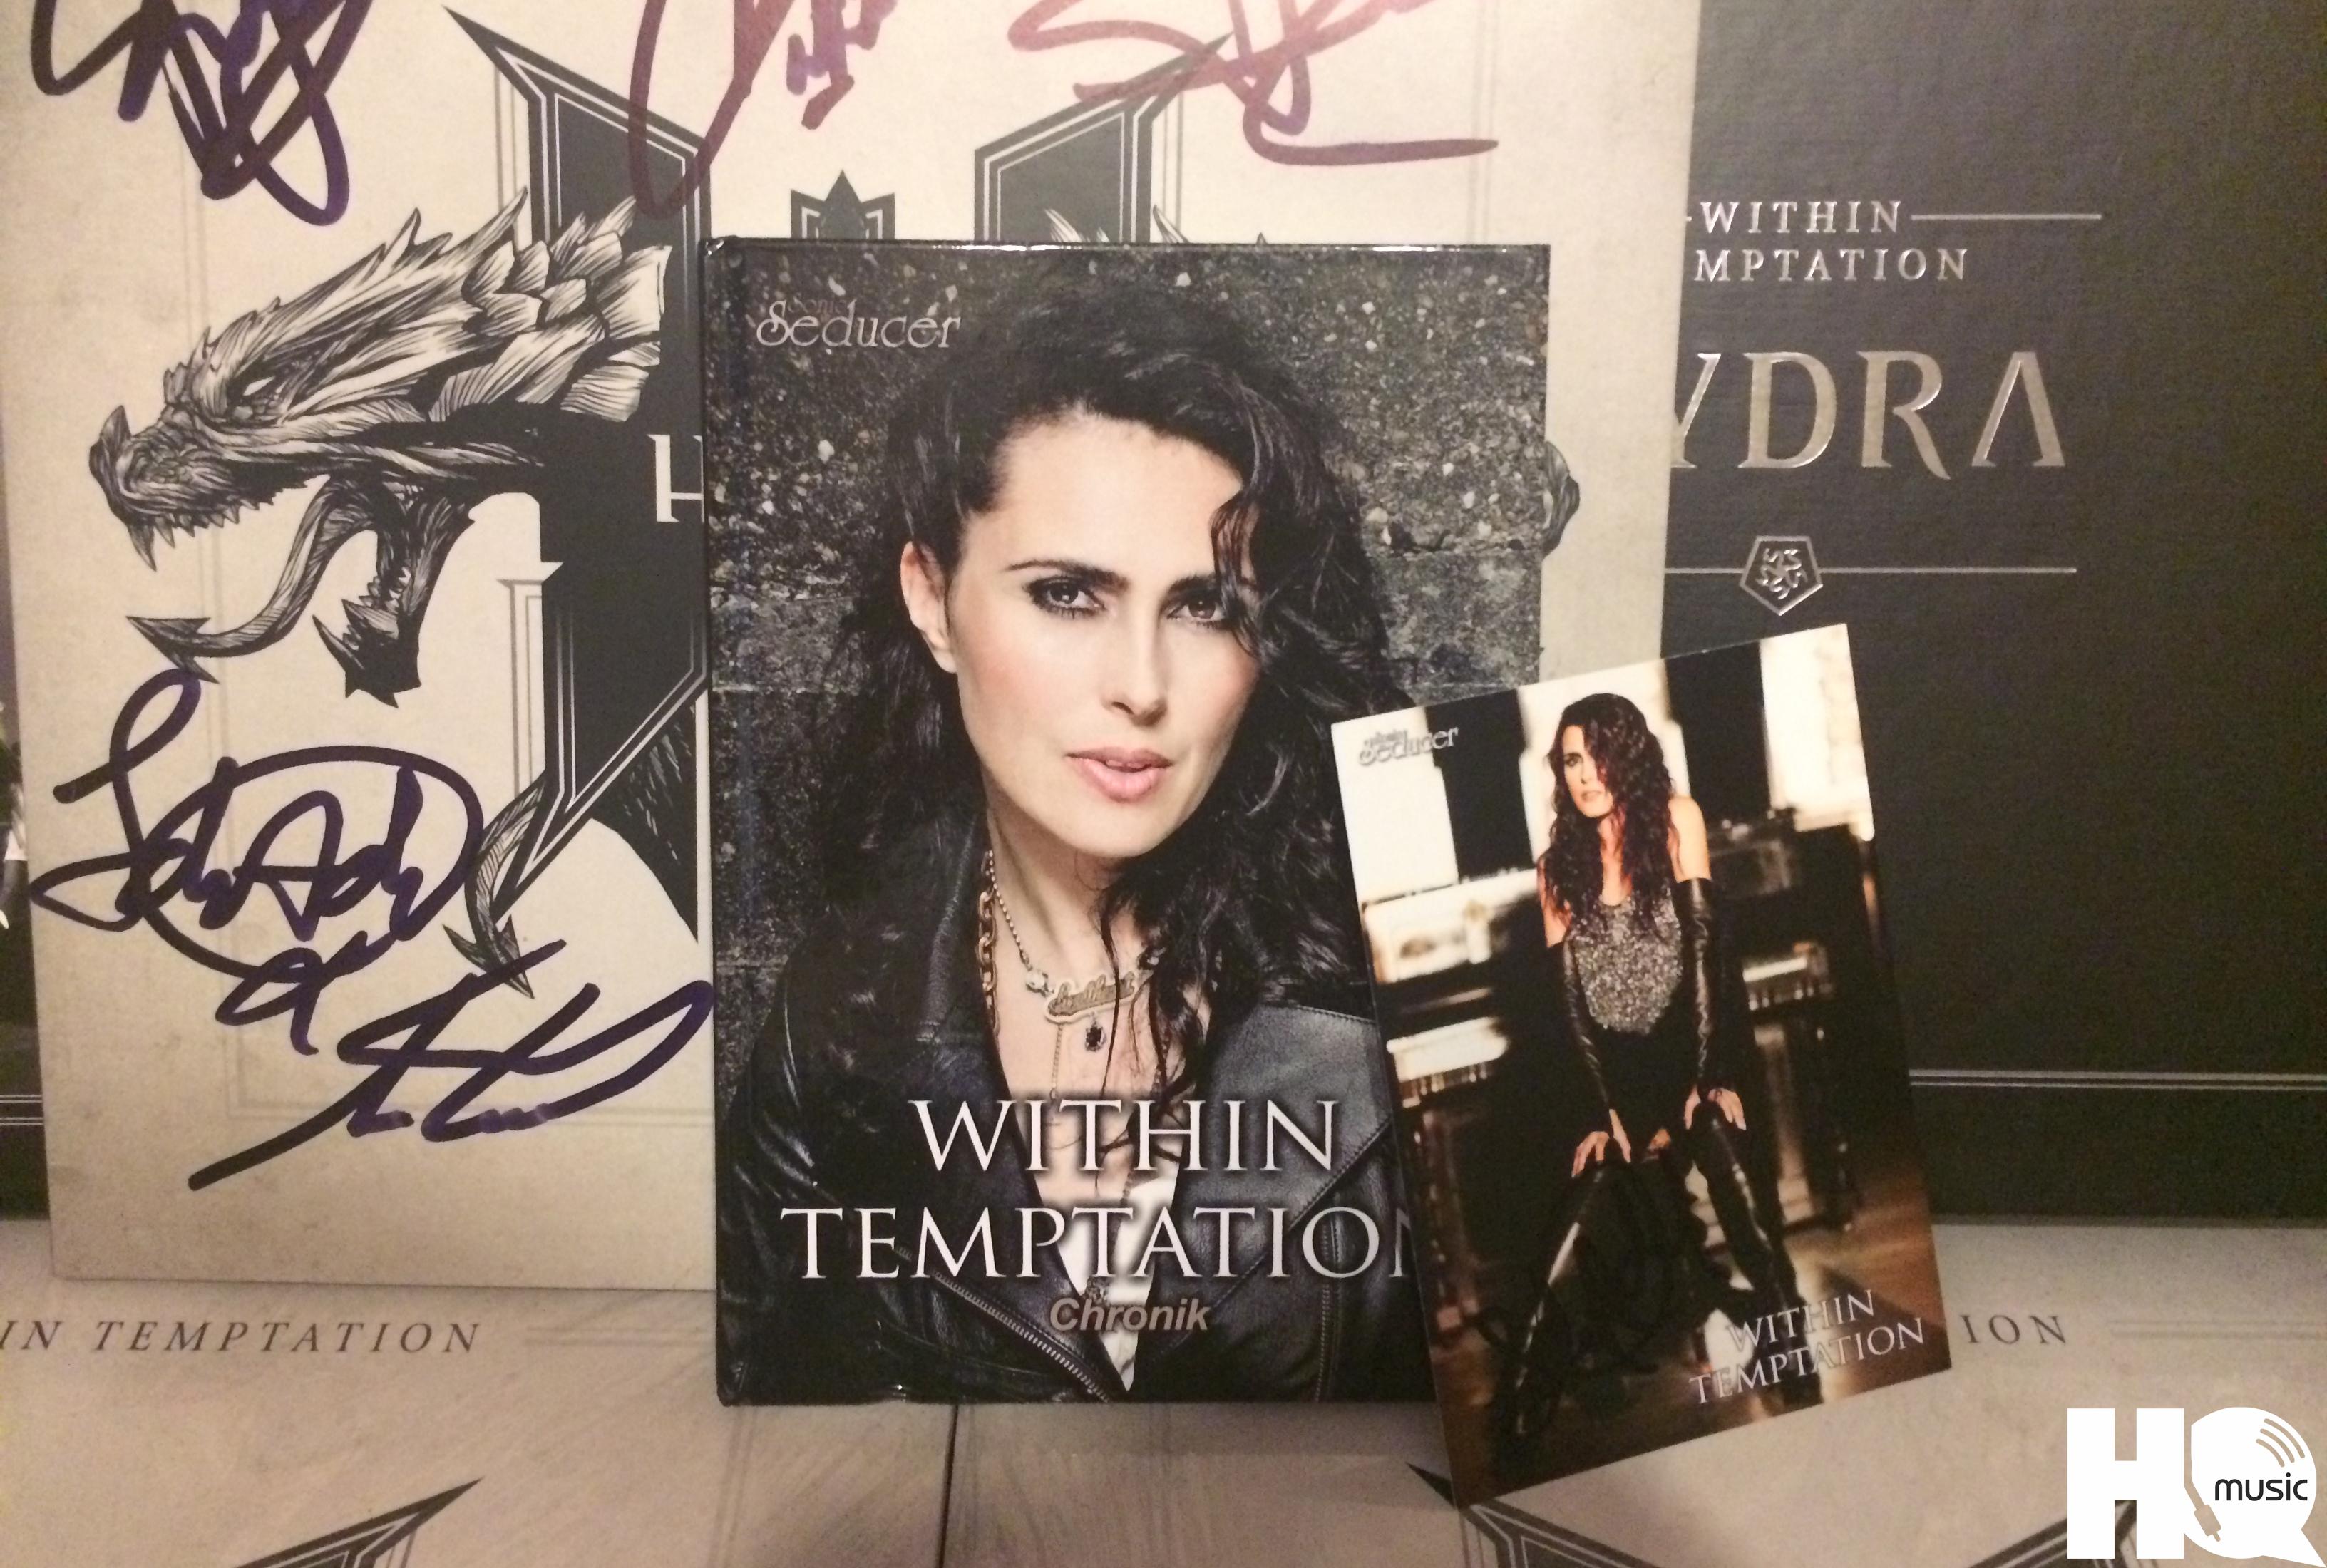 Sonic Seducer выпустил коллекционную книгу Within Temptation Chronik о группе Within Temptation